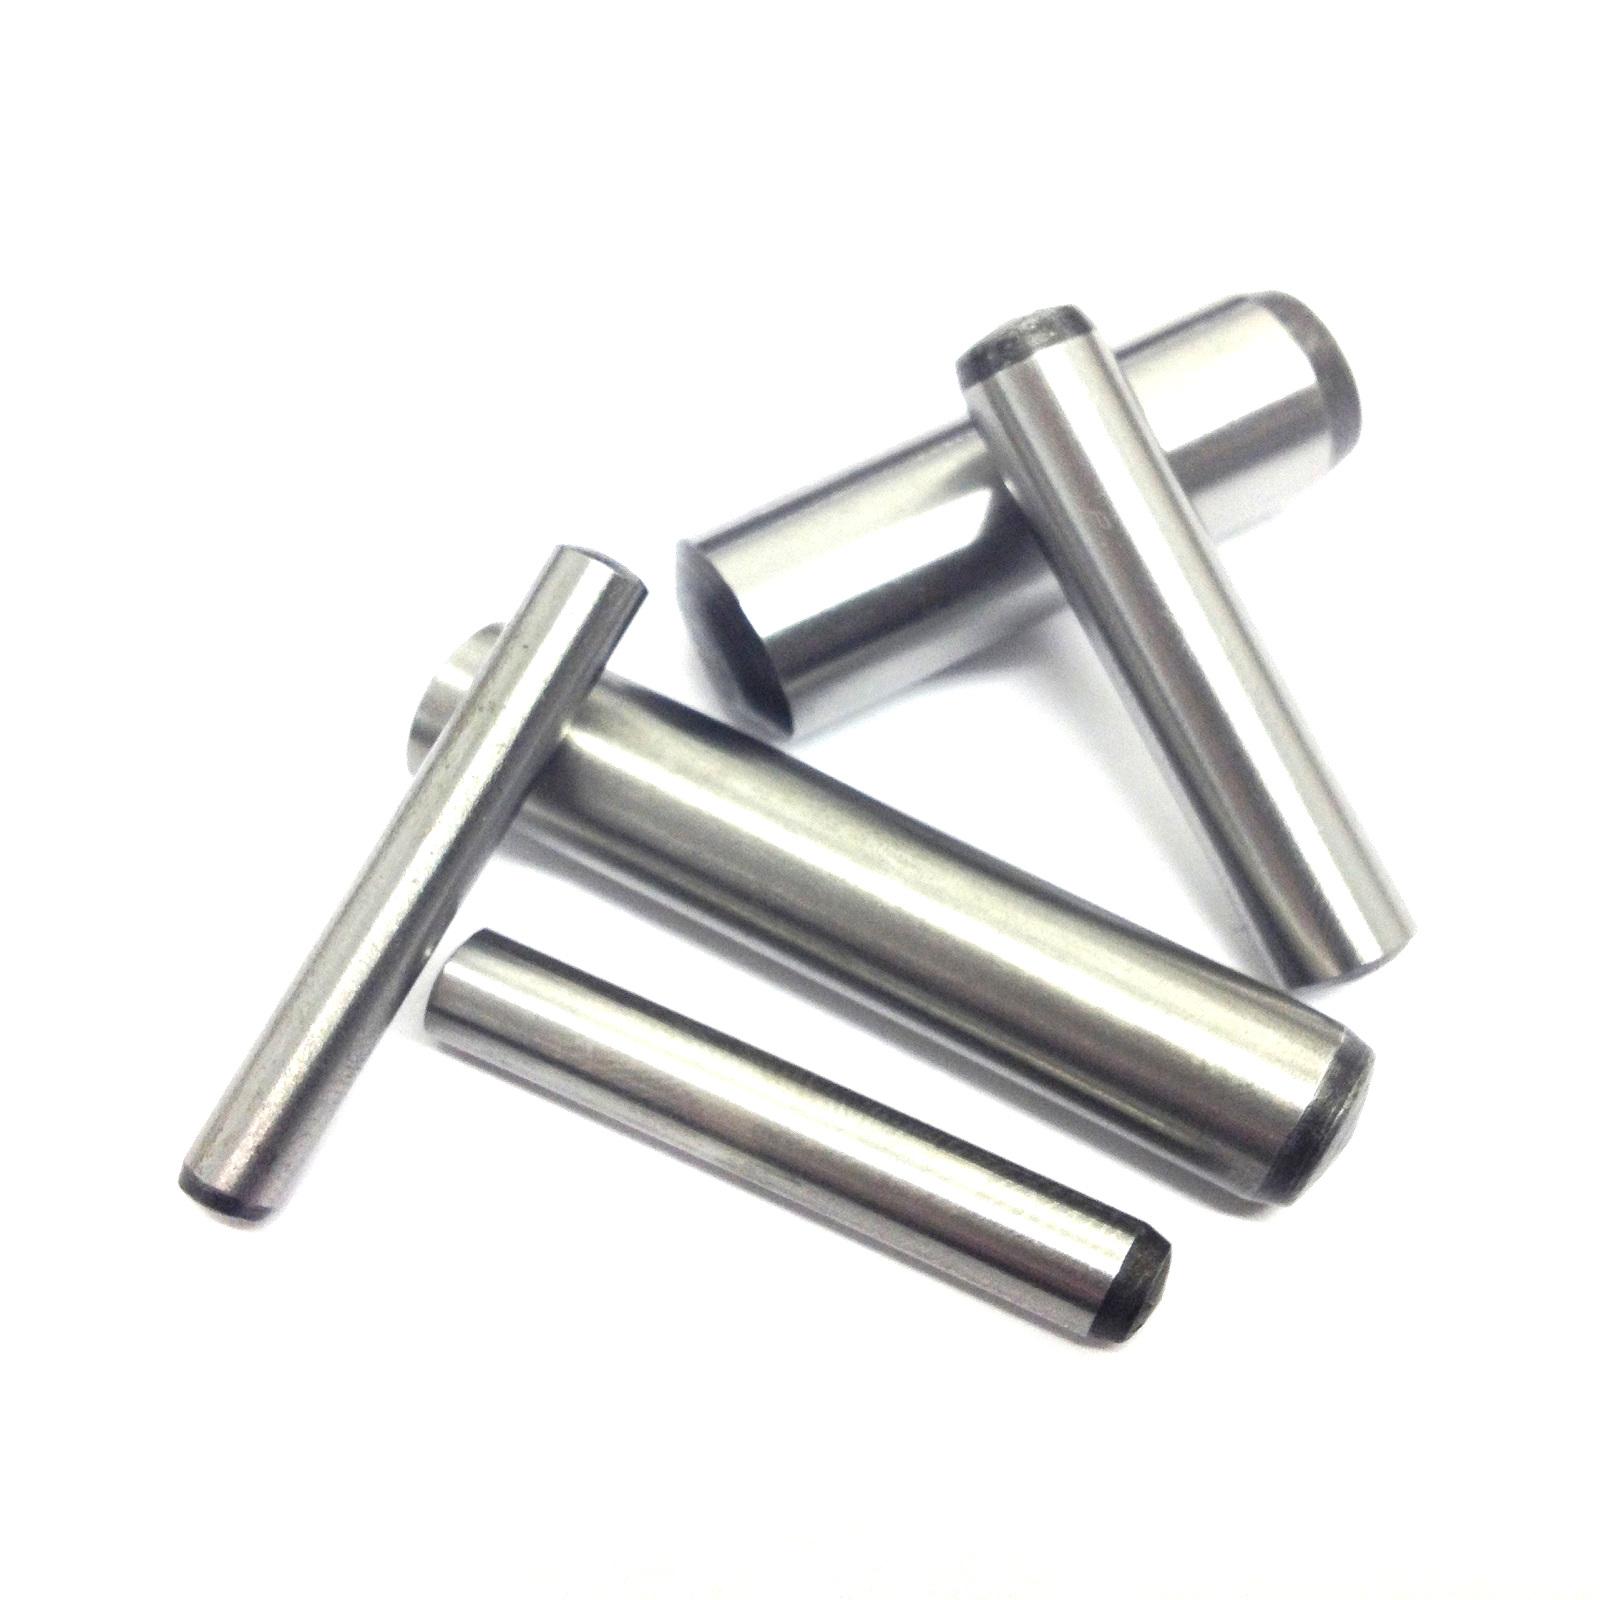 10 piezas 3 mm 4 mm 5 mm 6 mm 6,35 mm 8 mm 10 mm 12 mm 14 mm 16 mm ID lat/ón ajuste manga de compresi/ón Ferrule anillo